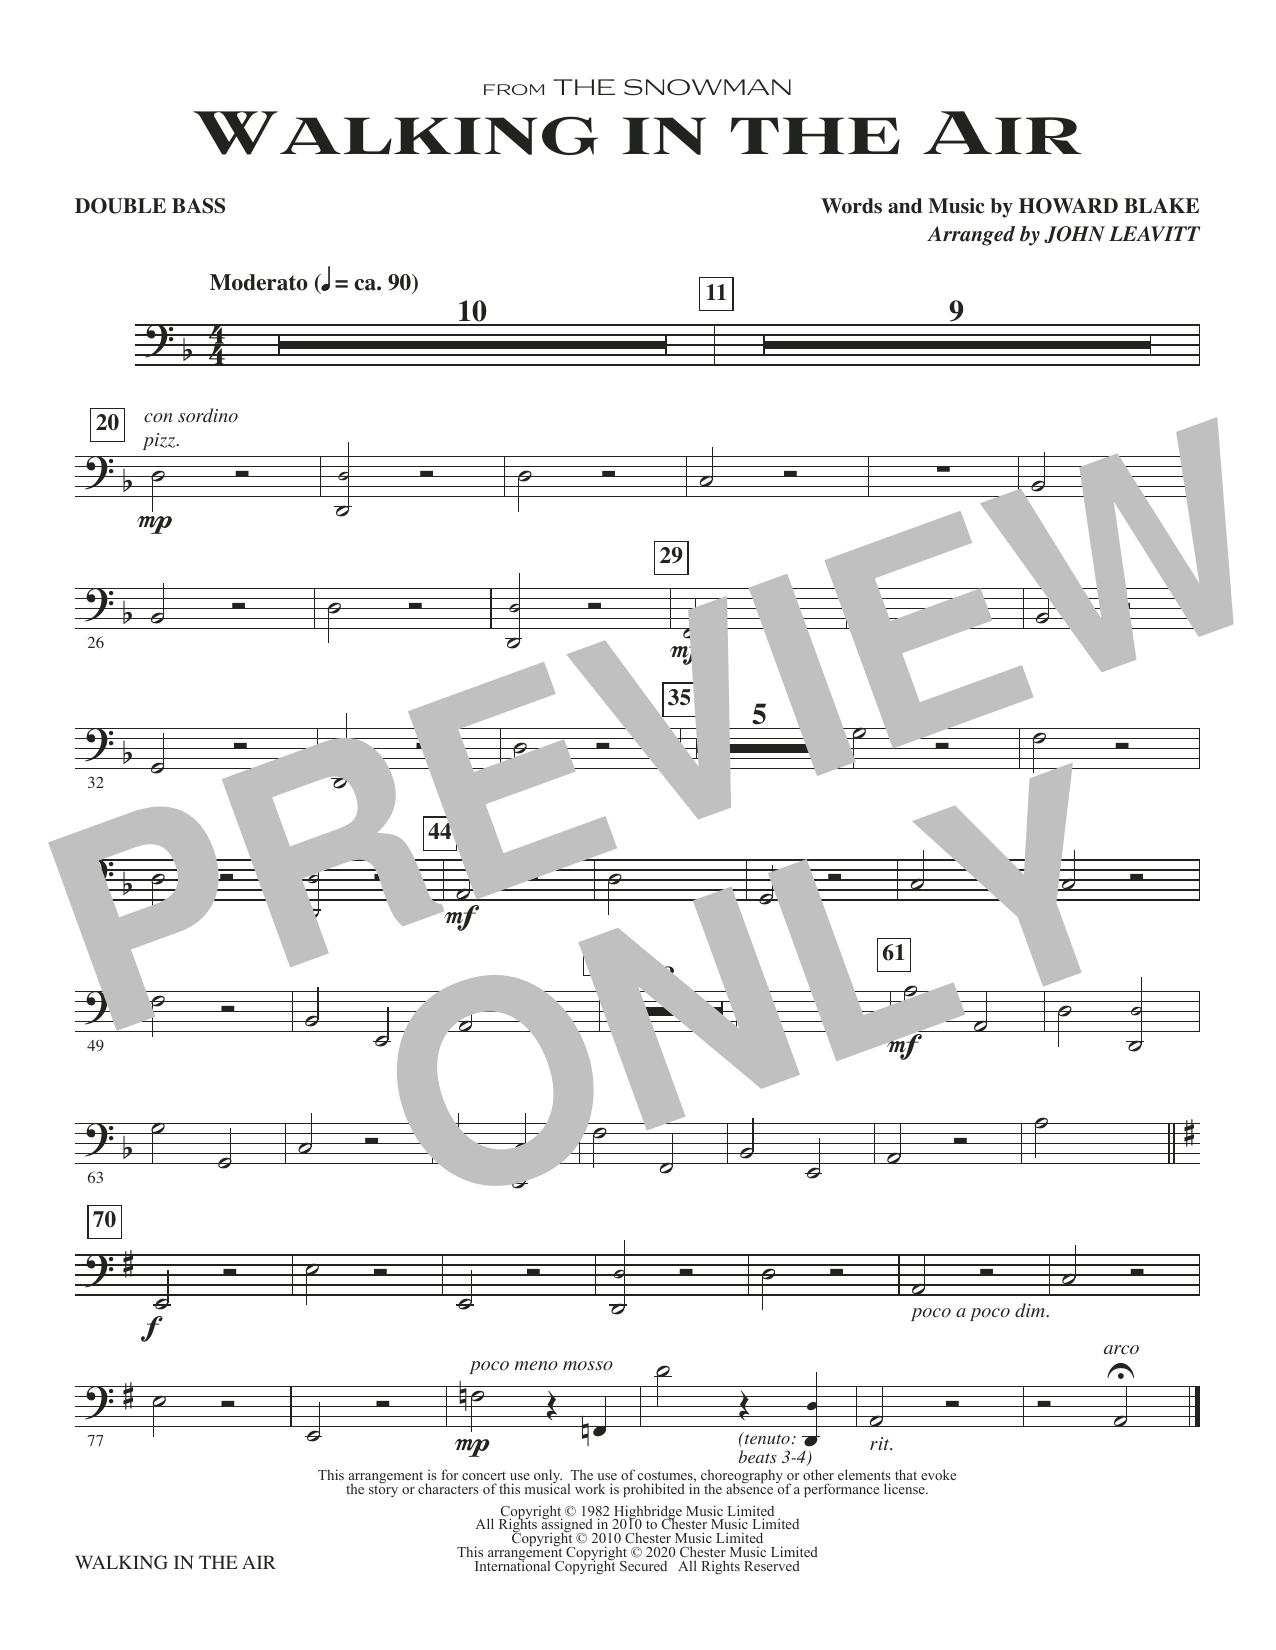 Walking In The Air (from The Snowman) (arr. John Leavitt) - Double Bass Sheet Music